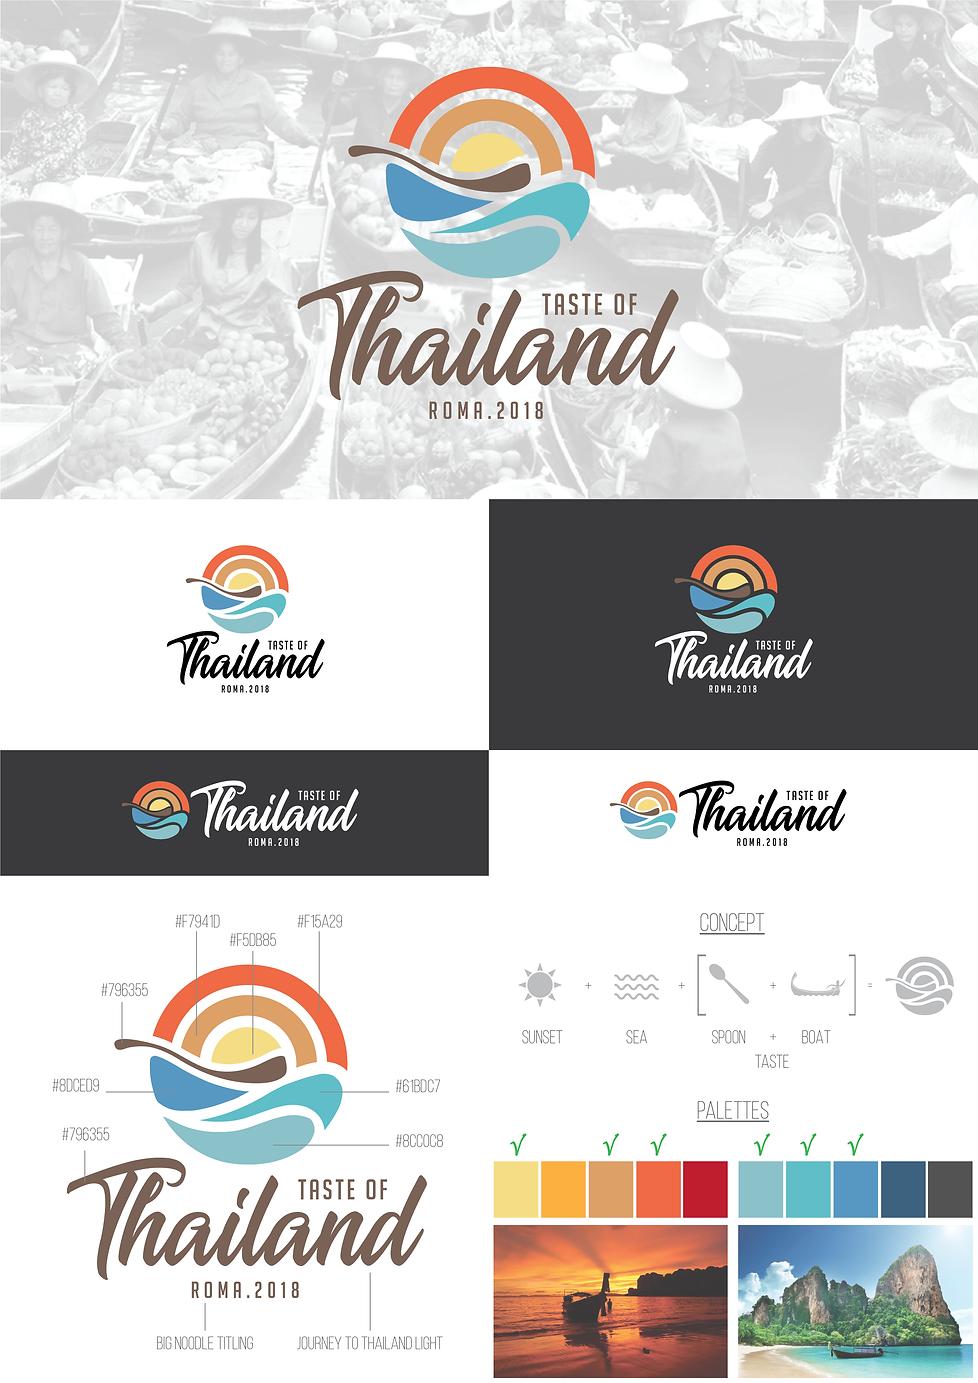 Contest Logo Taste of Thailand Lorenzo Dalmasso